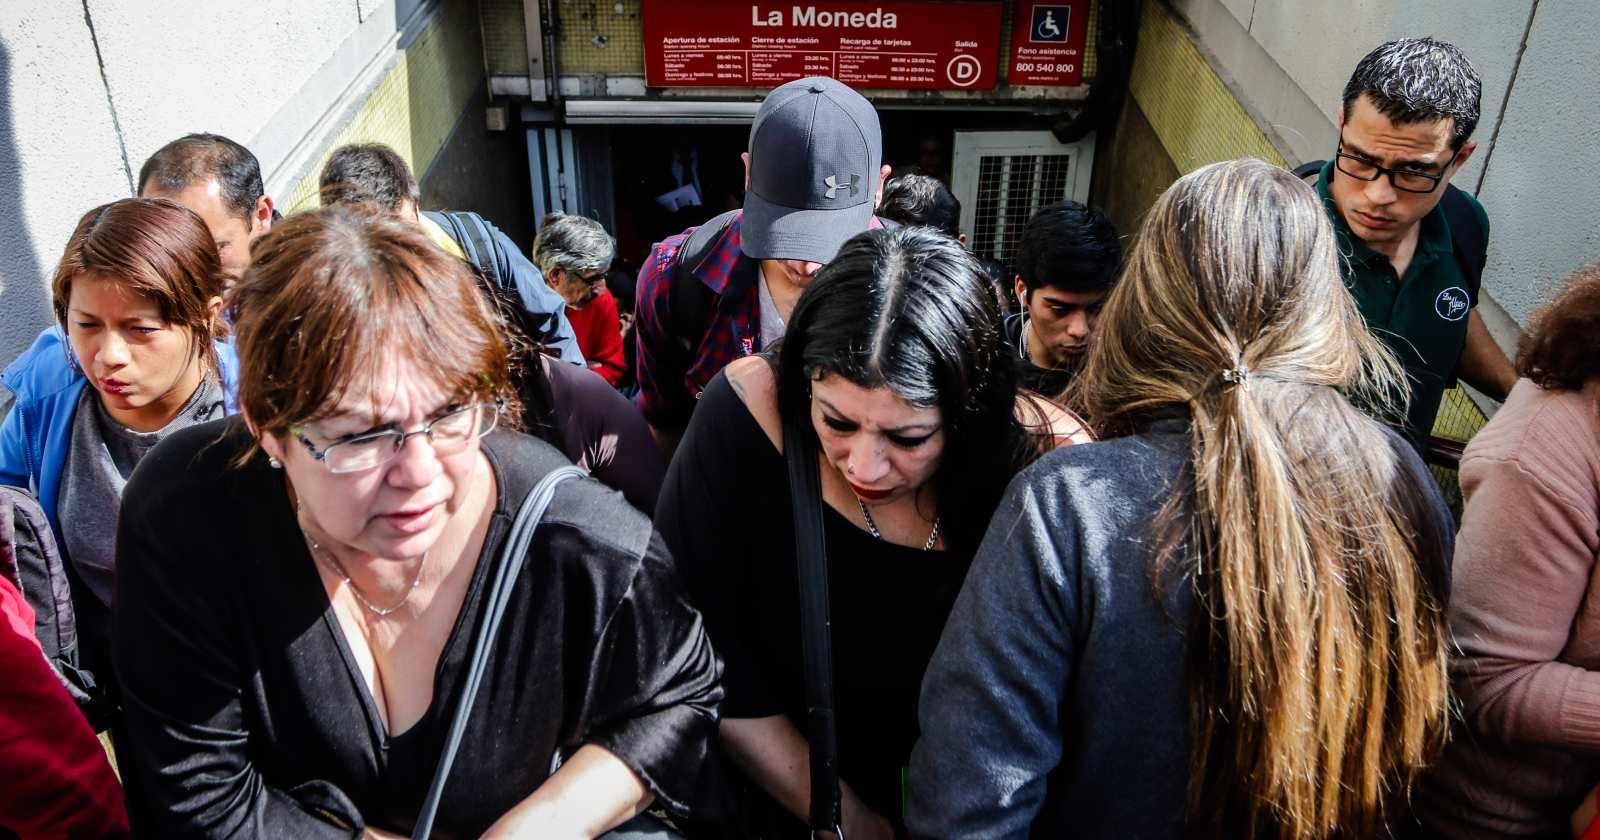 Ipsos: Chile cae 15 puntos en percepción de felicidad en sólo un año